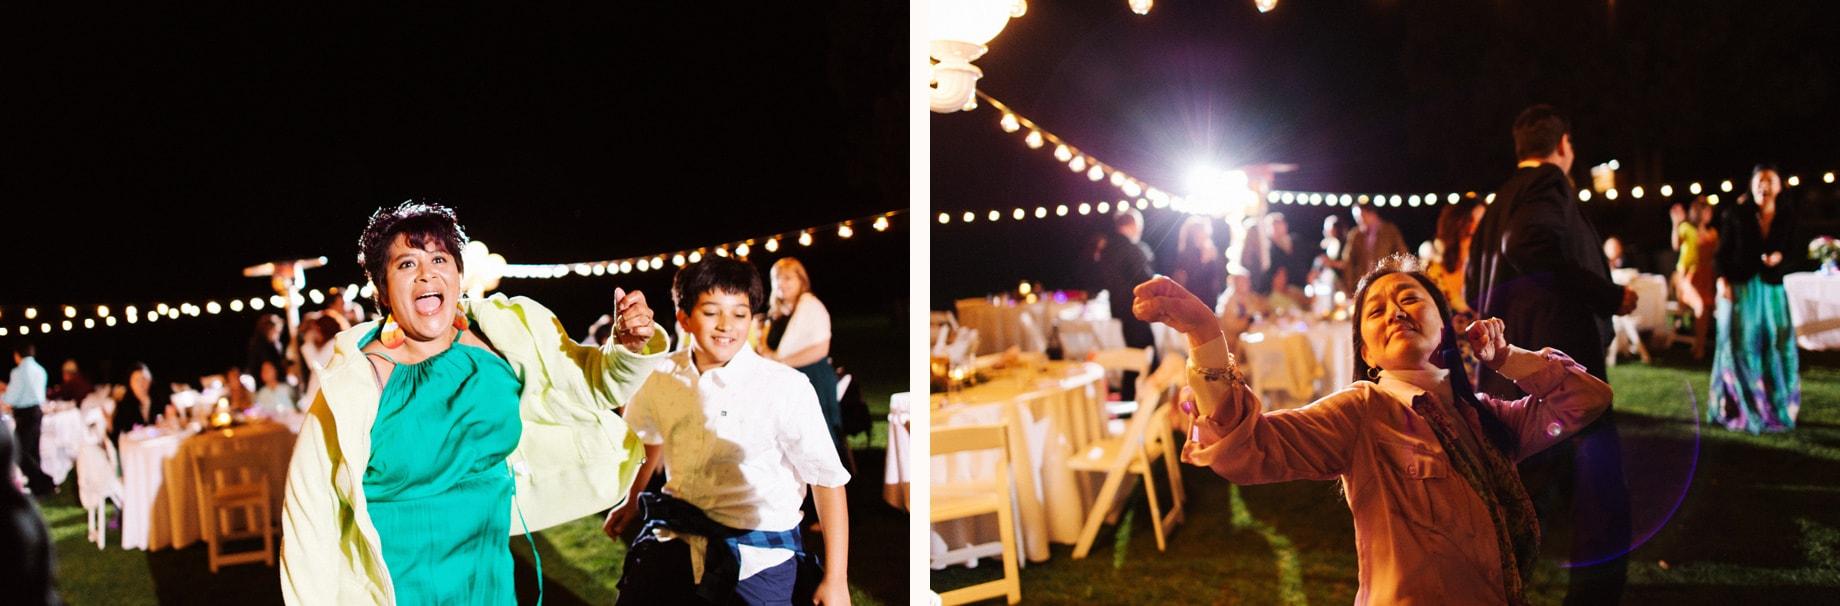 wedding guests dancing at tonto creek